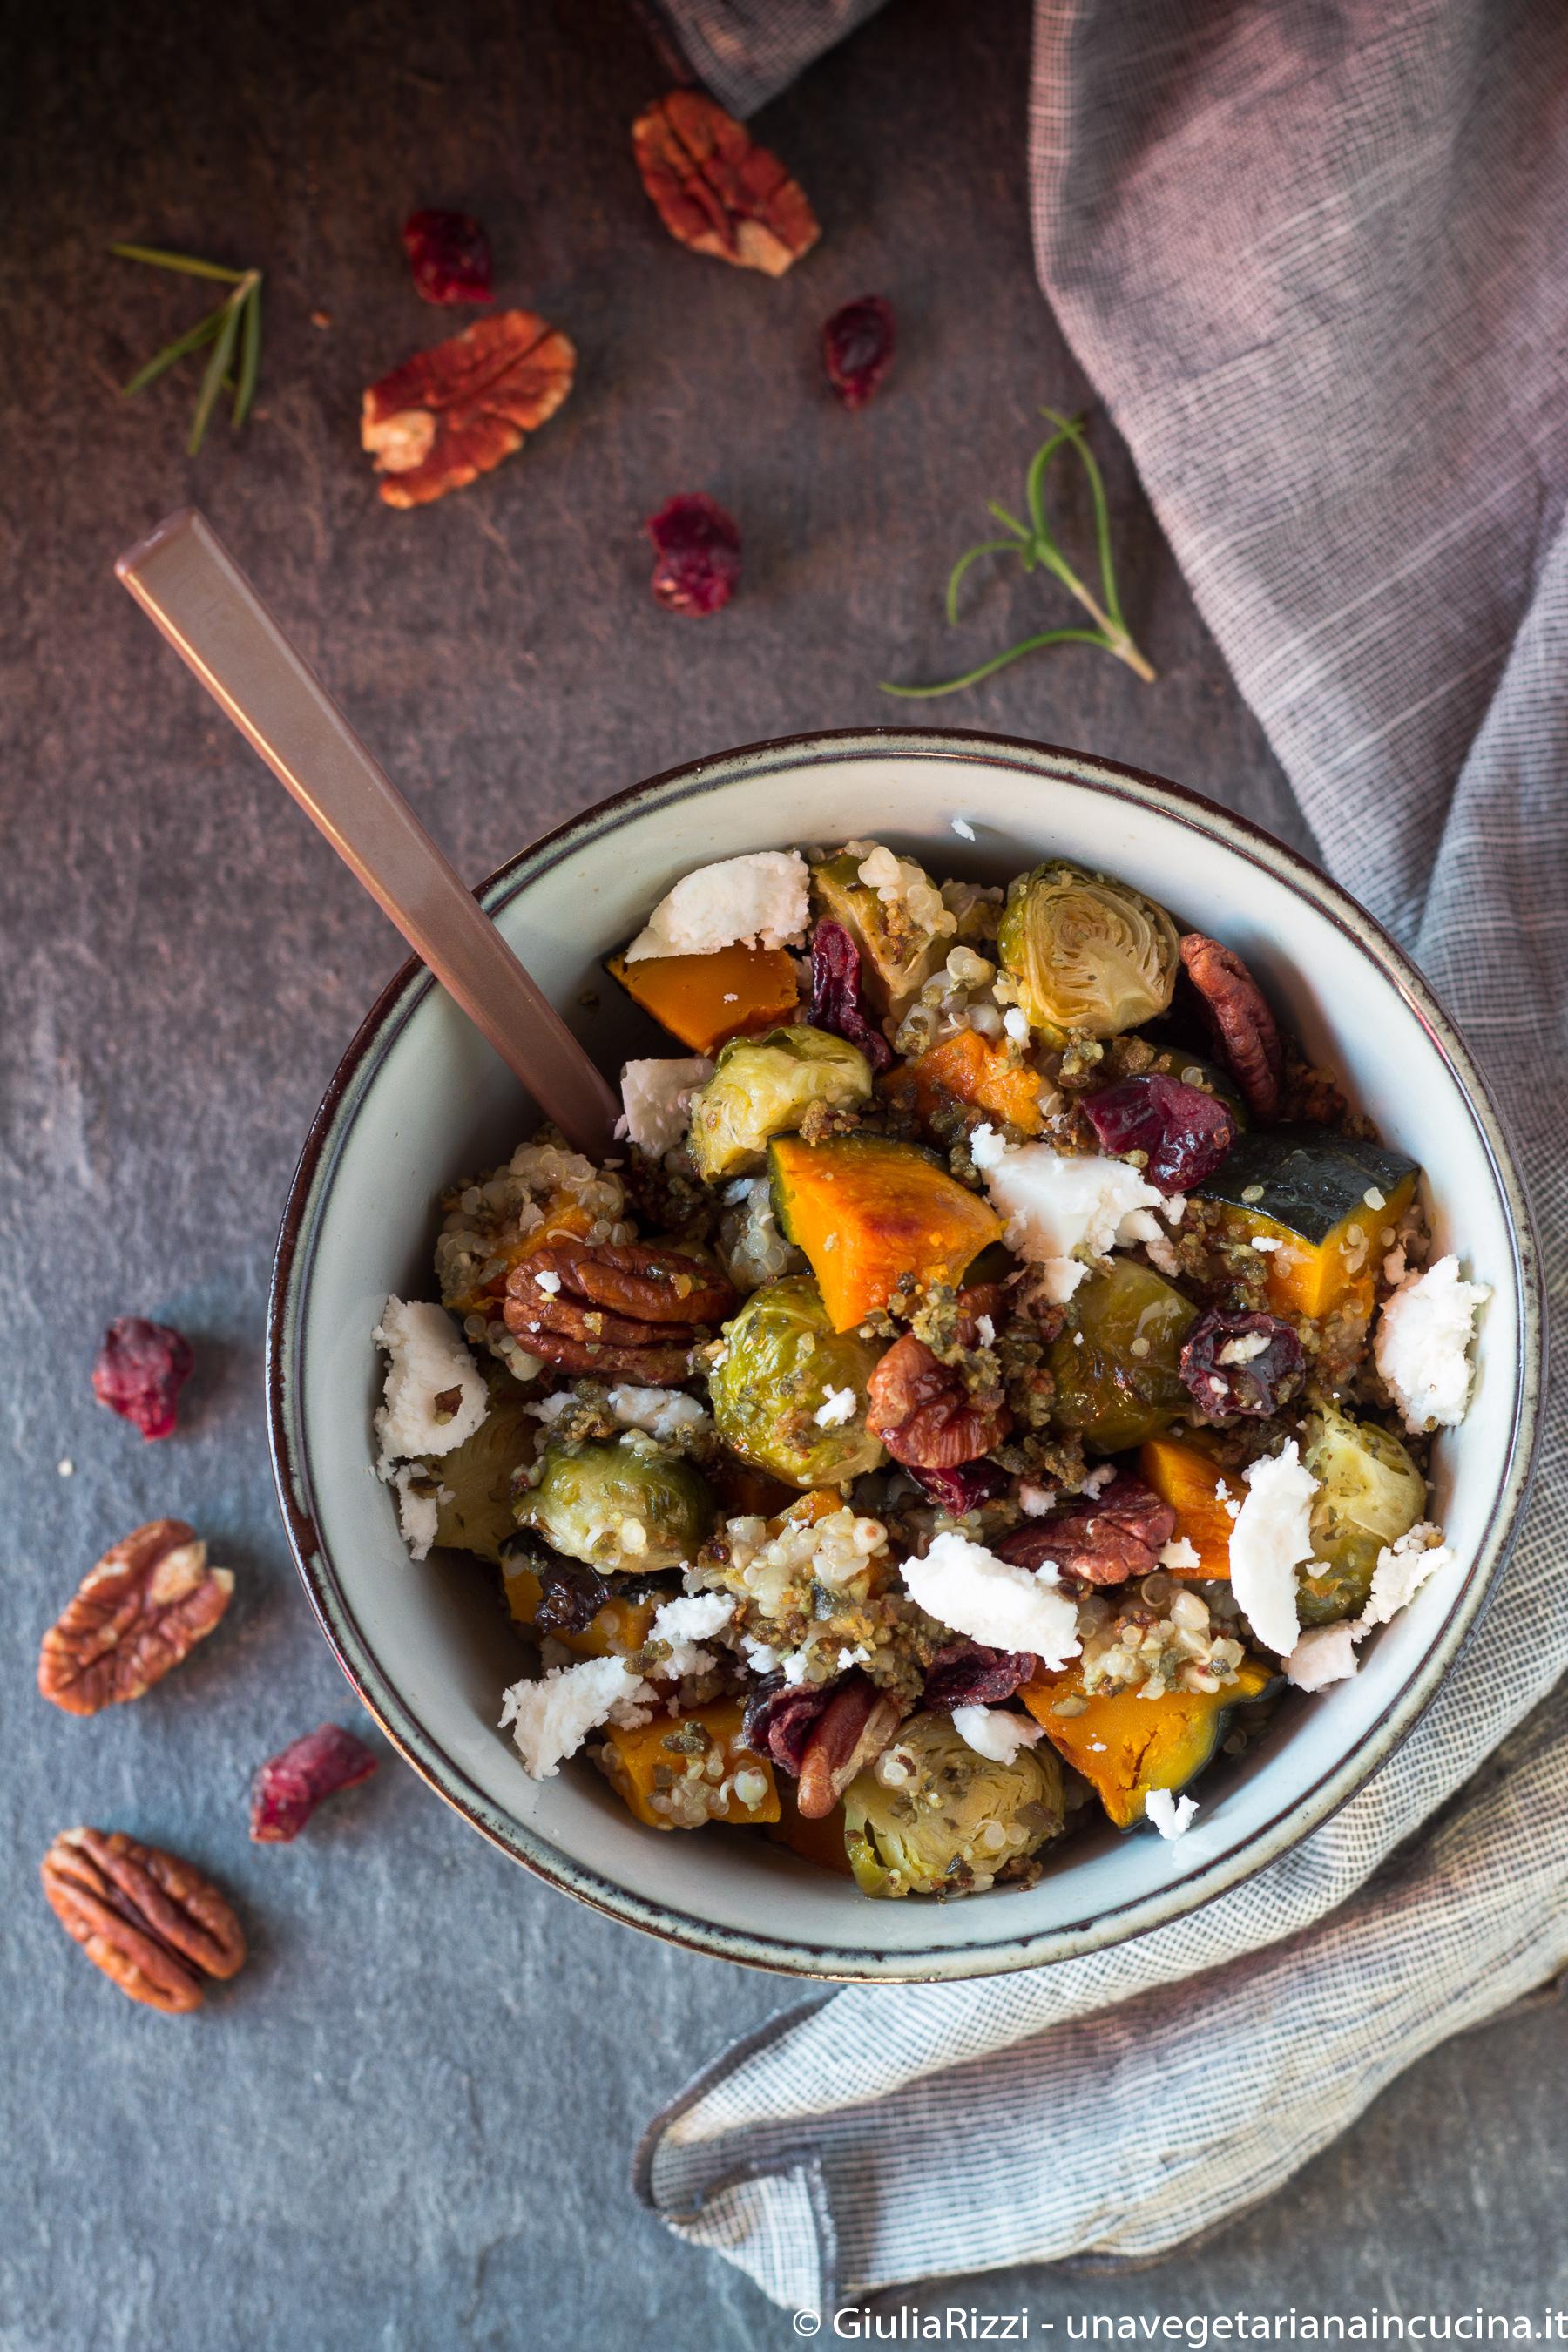 una vegetariana in cucina giulia rizzi blog